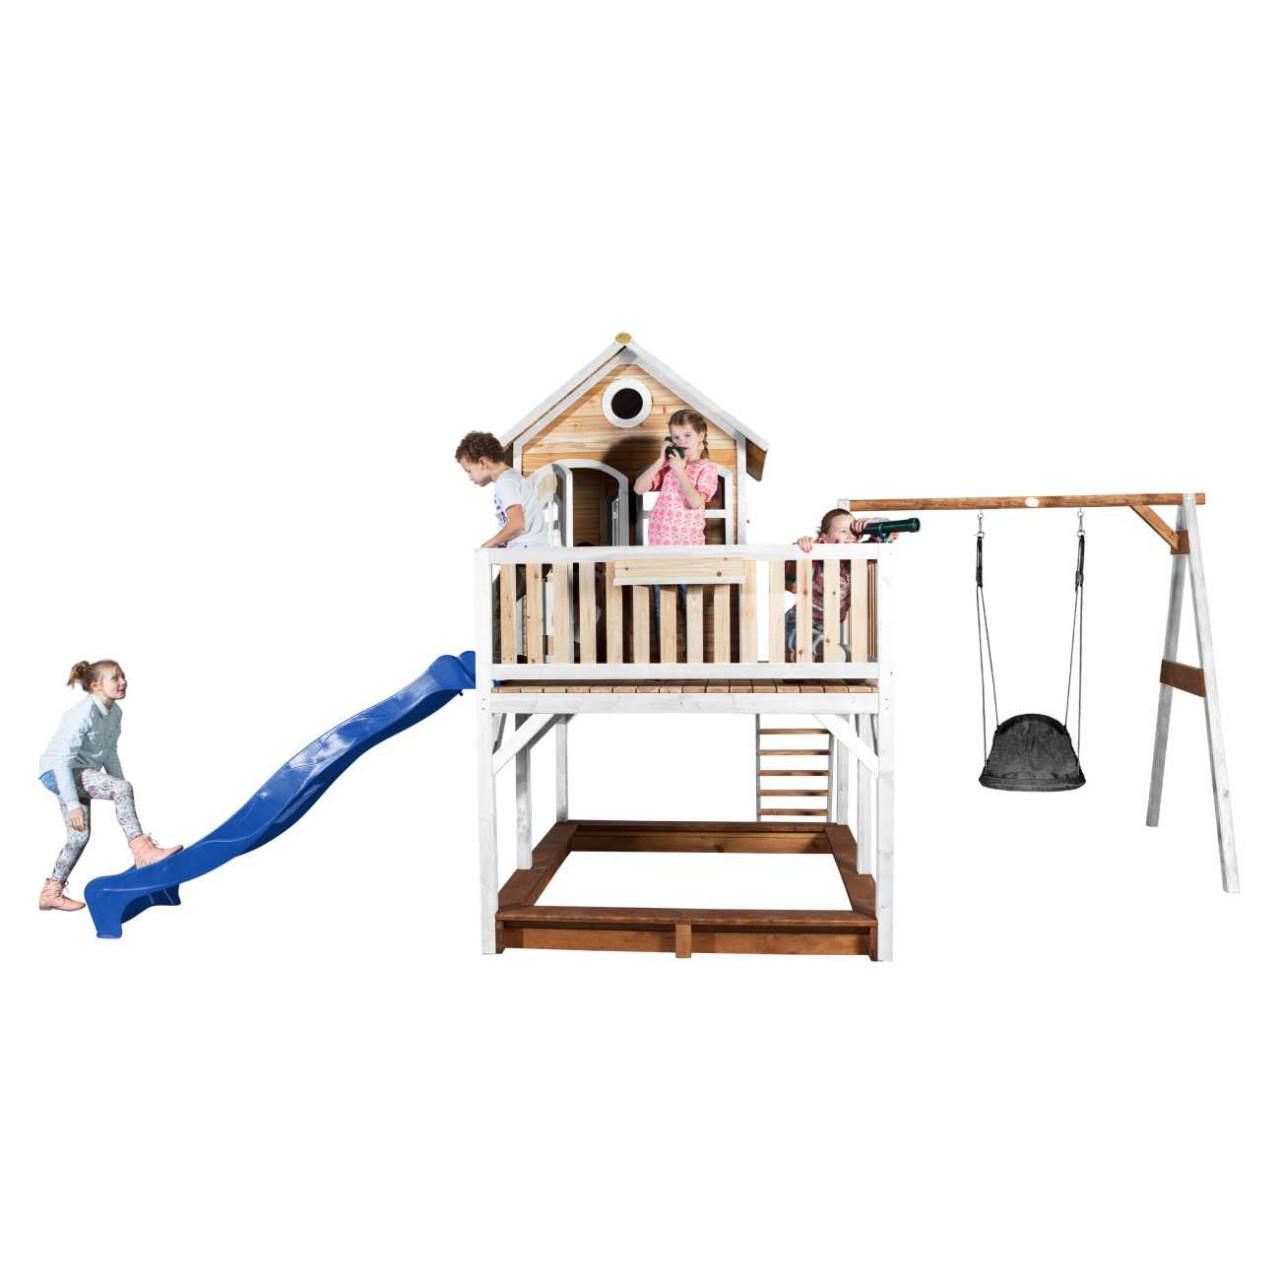 Axi Stelzenhaus Liam mit Nestschaukel Grandoh, Kinder Spielhaus